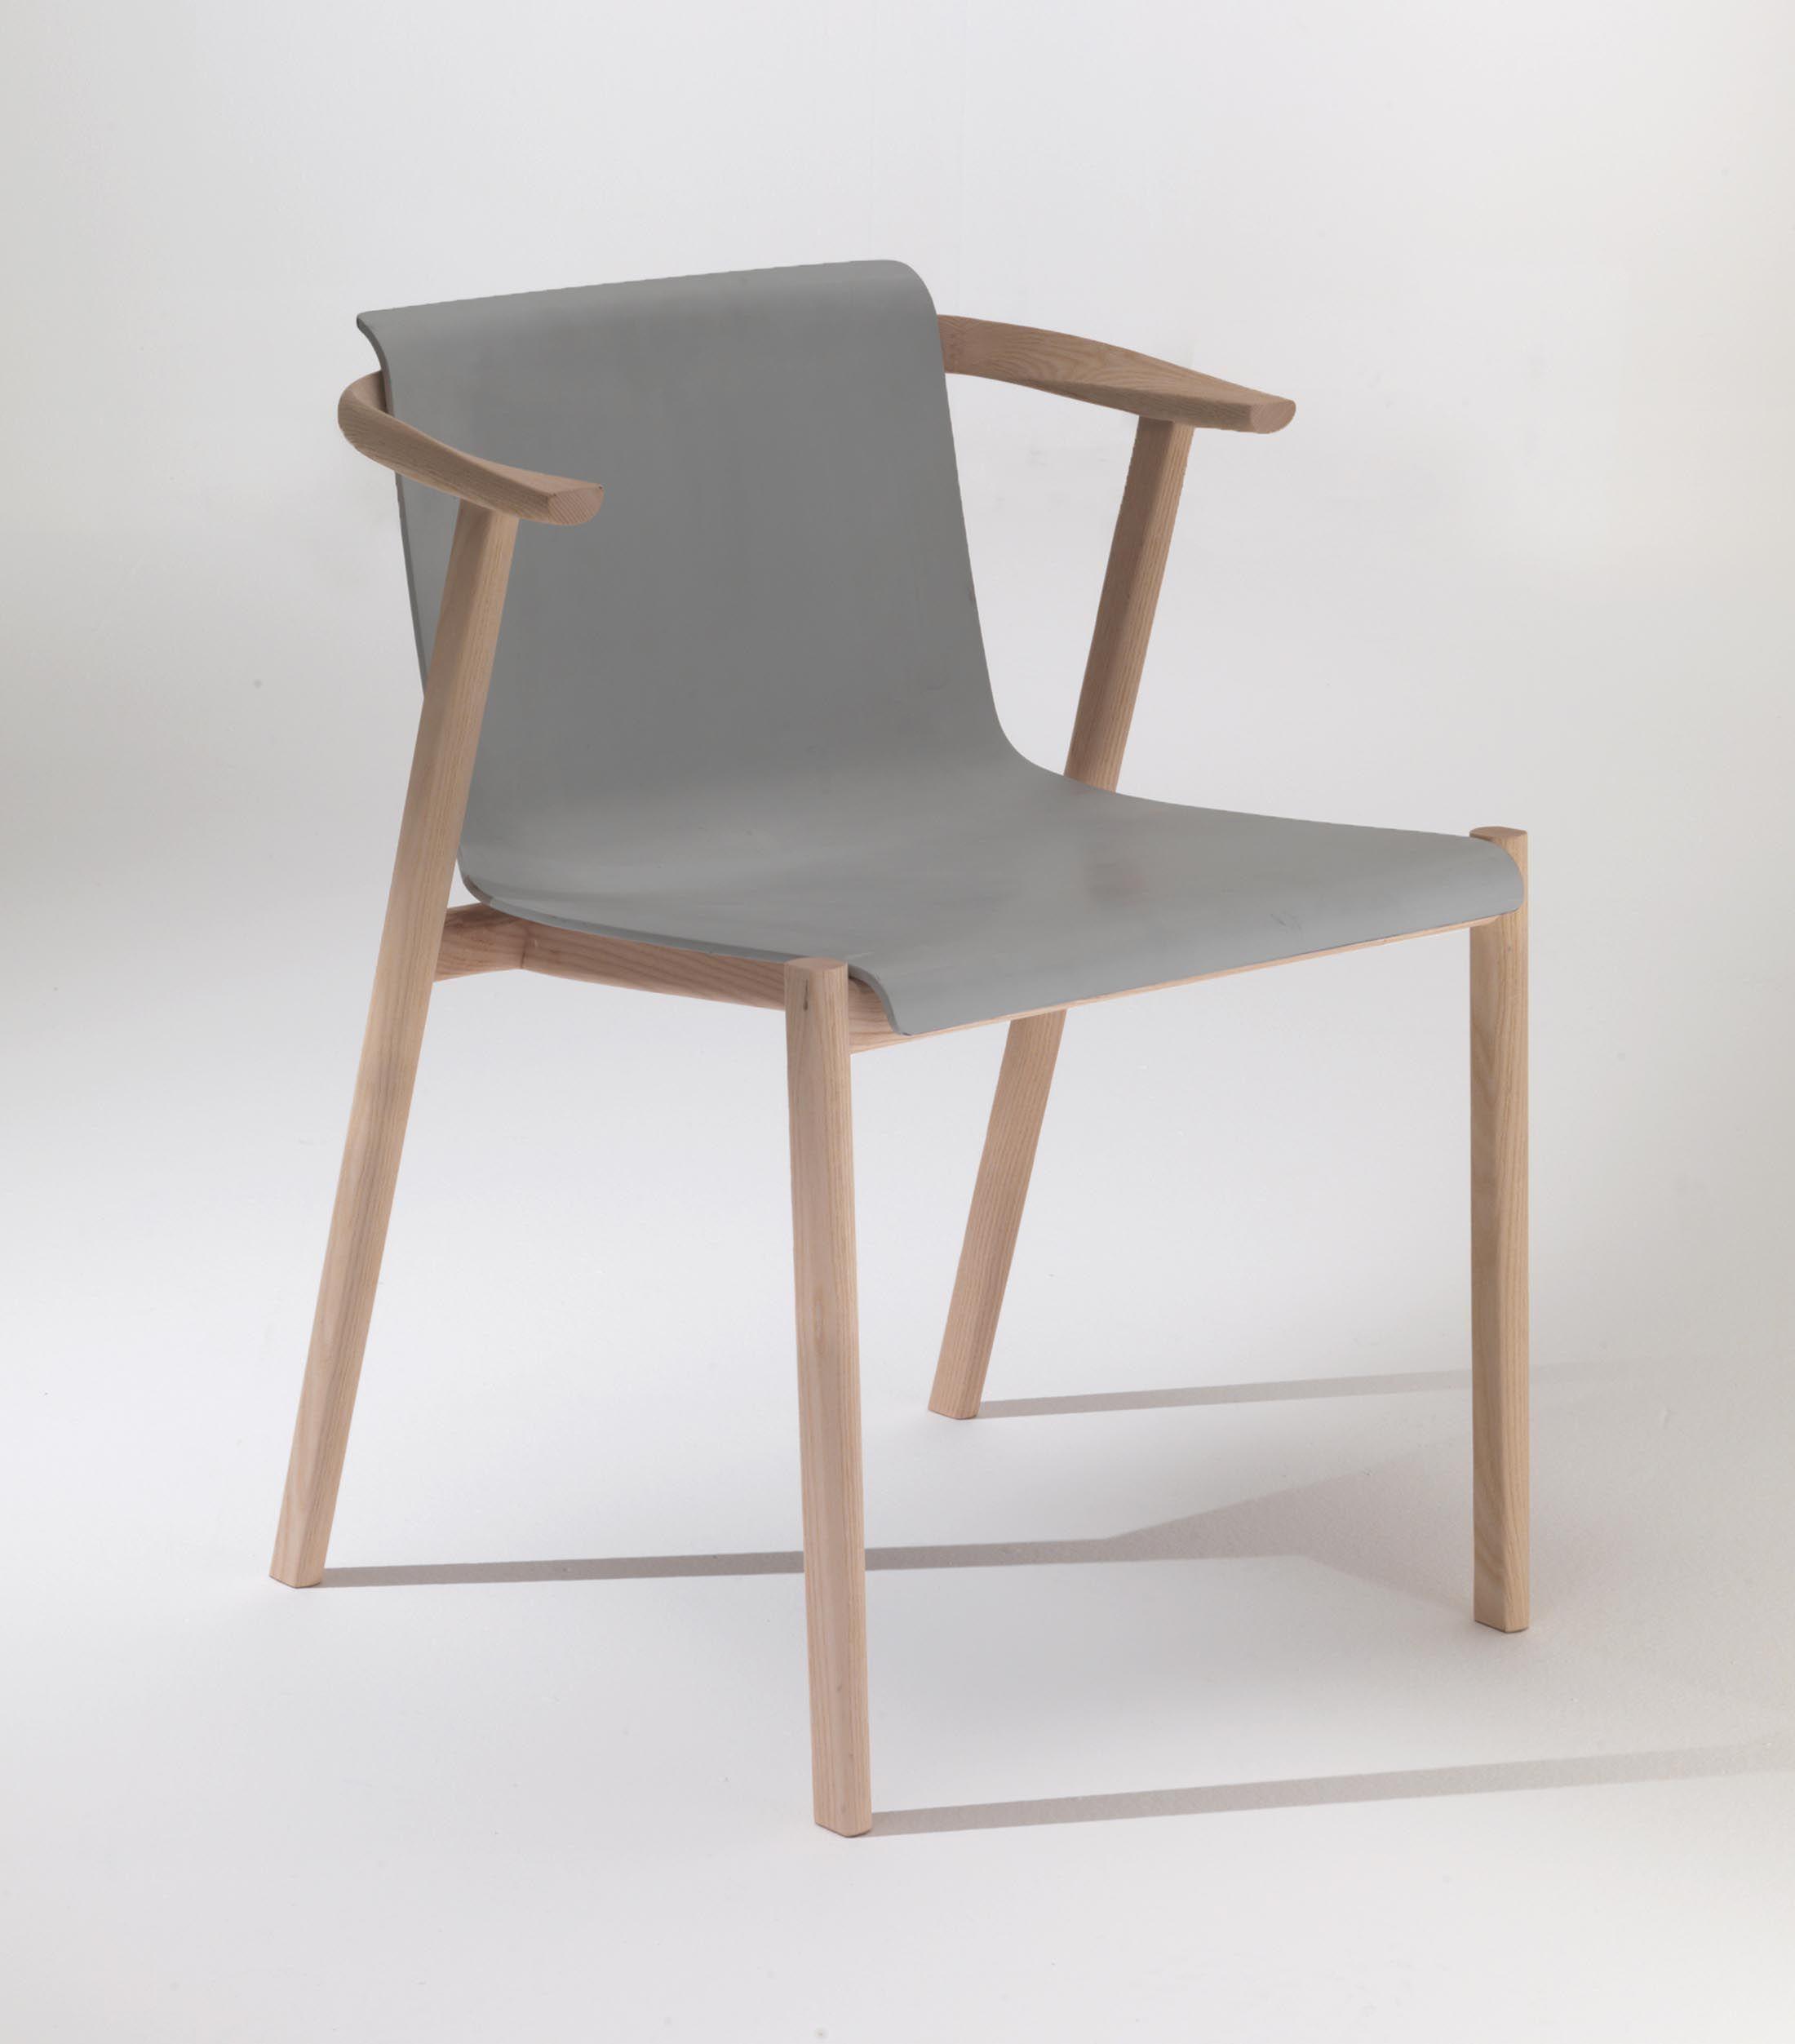 Dining chair Bai Lu Lema Chair design, Interior